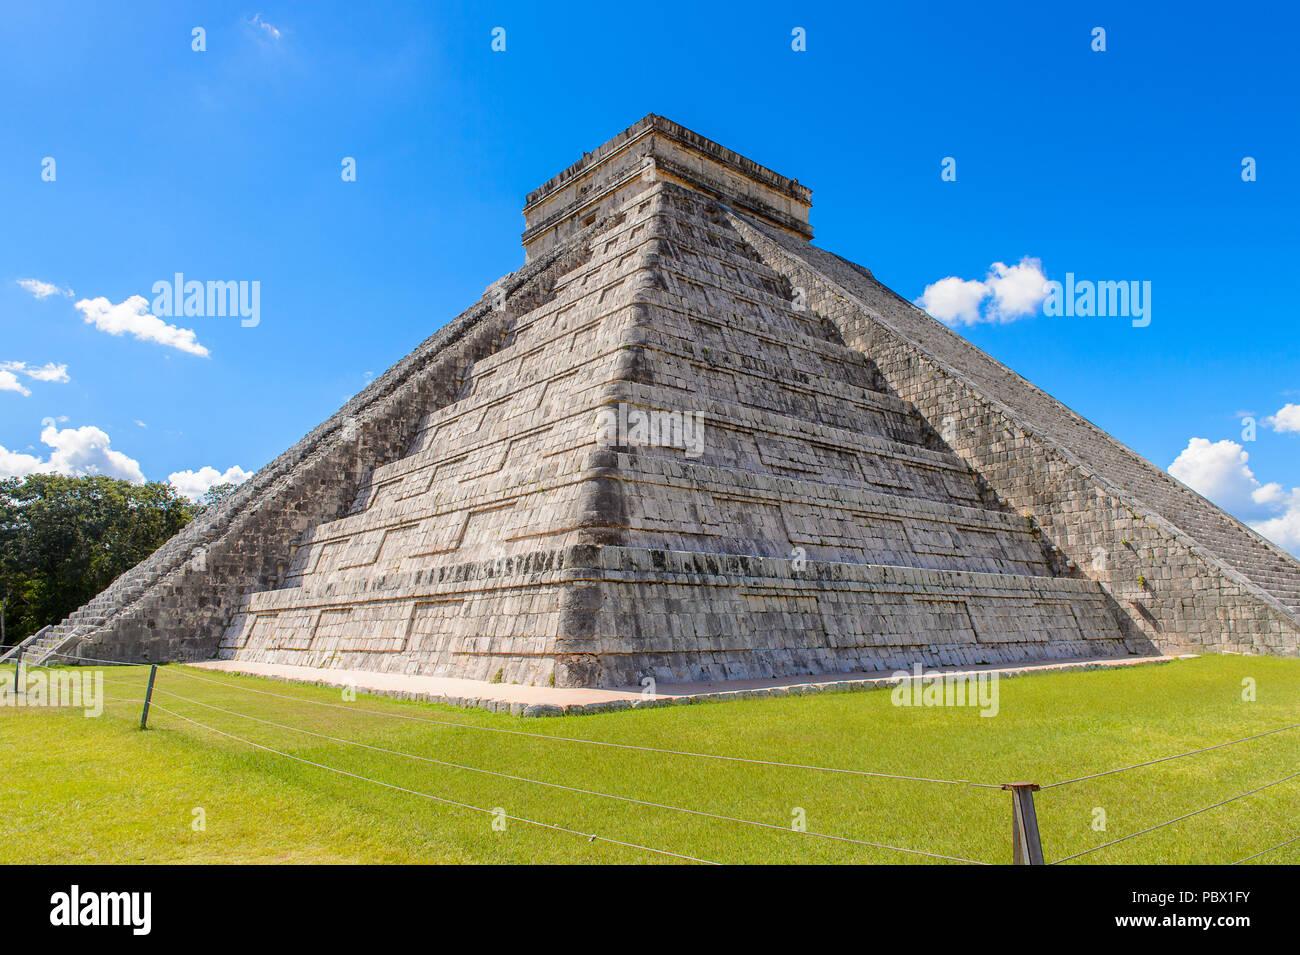 El Castillo (Templo de Kukulcán), un corredor de paso, la pirámide de Chichen Itza. Fue una gran ciudad precolombina construida por el pueblo maya de la Termin Foto de stock